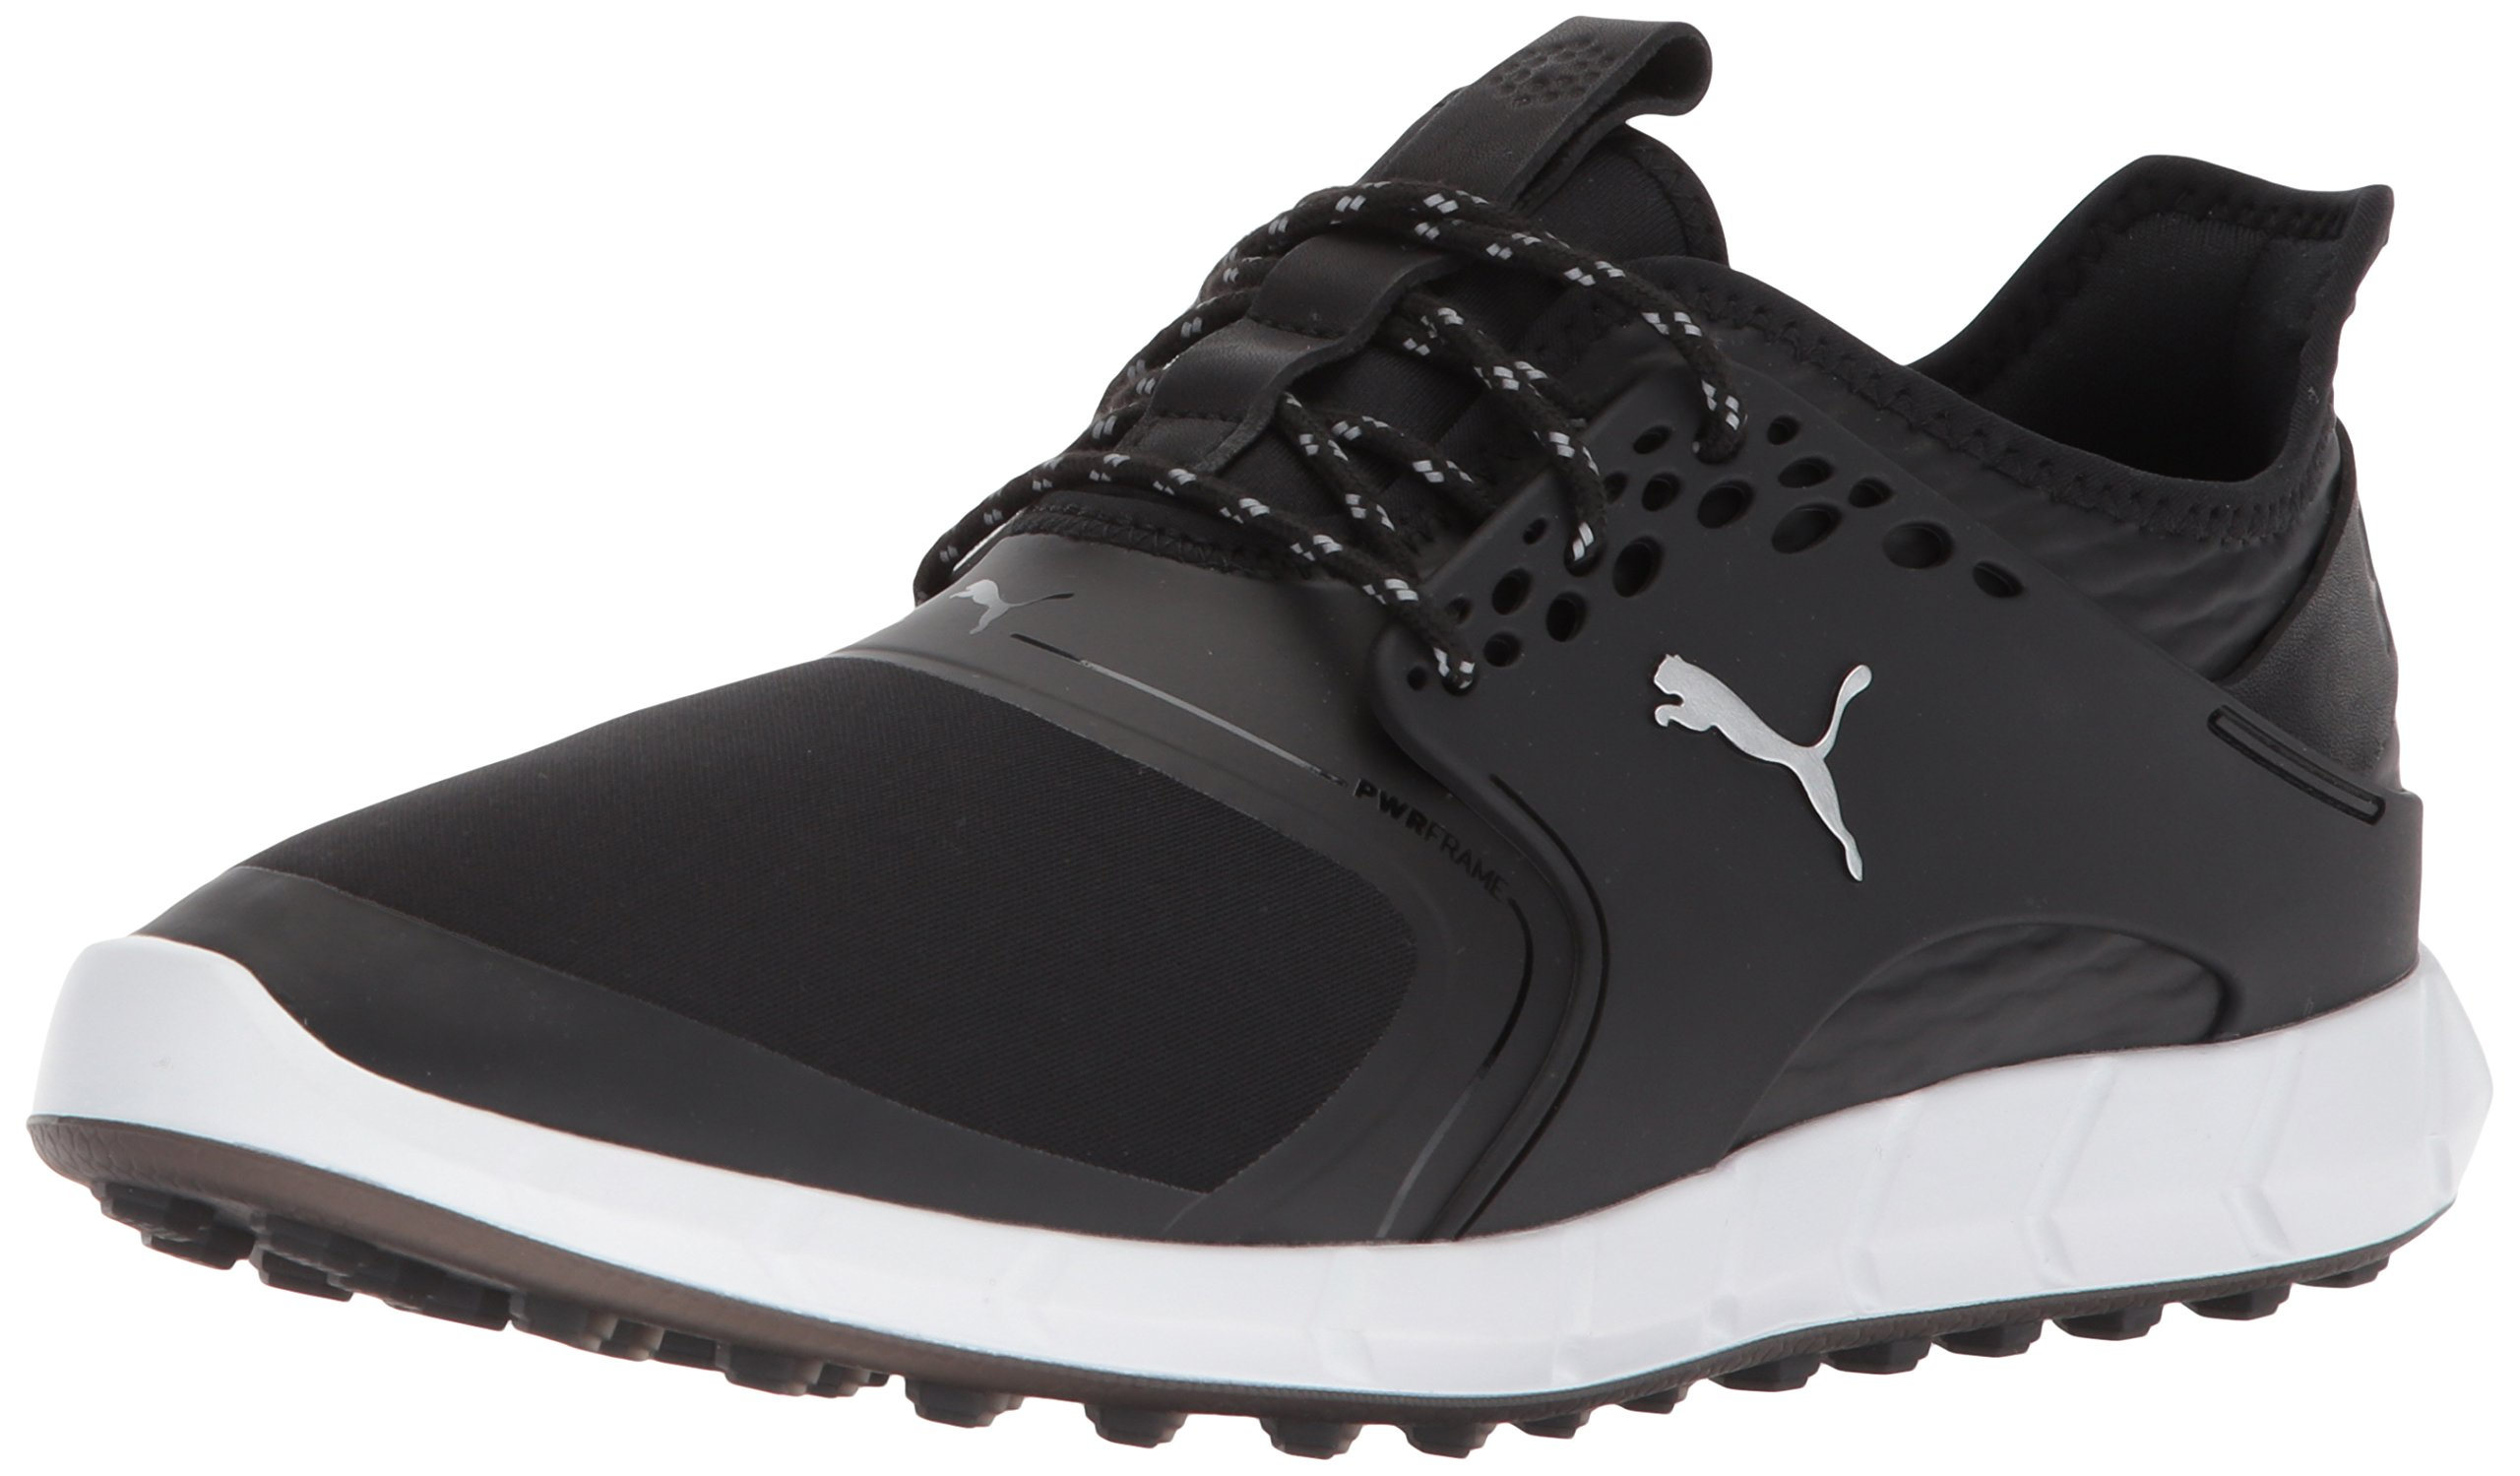 Puma Golf Men's Ignite Pwrsport Golf Shoe, Black/Silver, 10 Medium US by PUMA